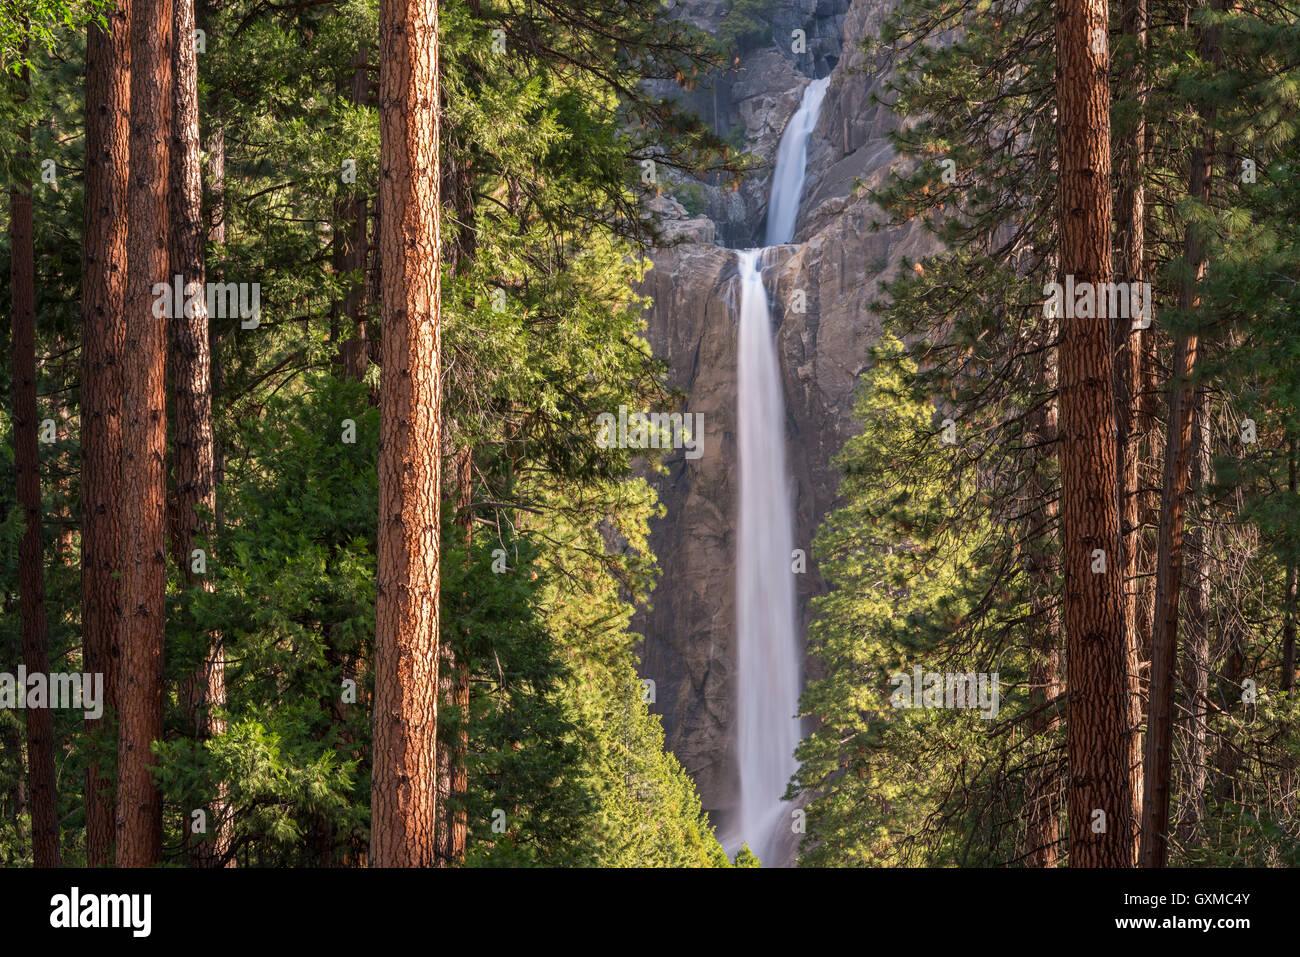 Cataratas de Yosemite inferior a través de las coníferas de Yosemite Valley, California, EE.UU. La primavera Imagen De Stock